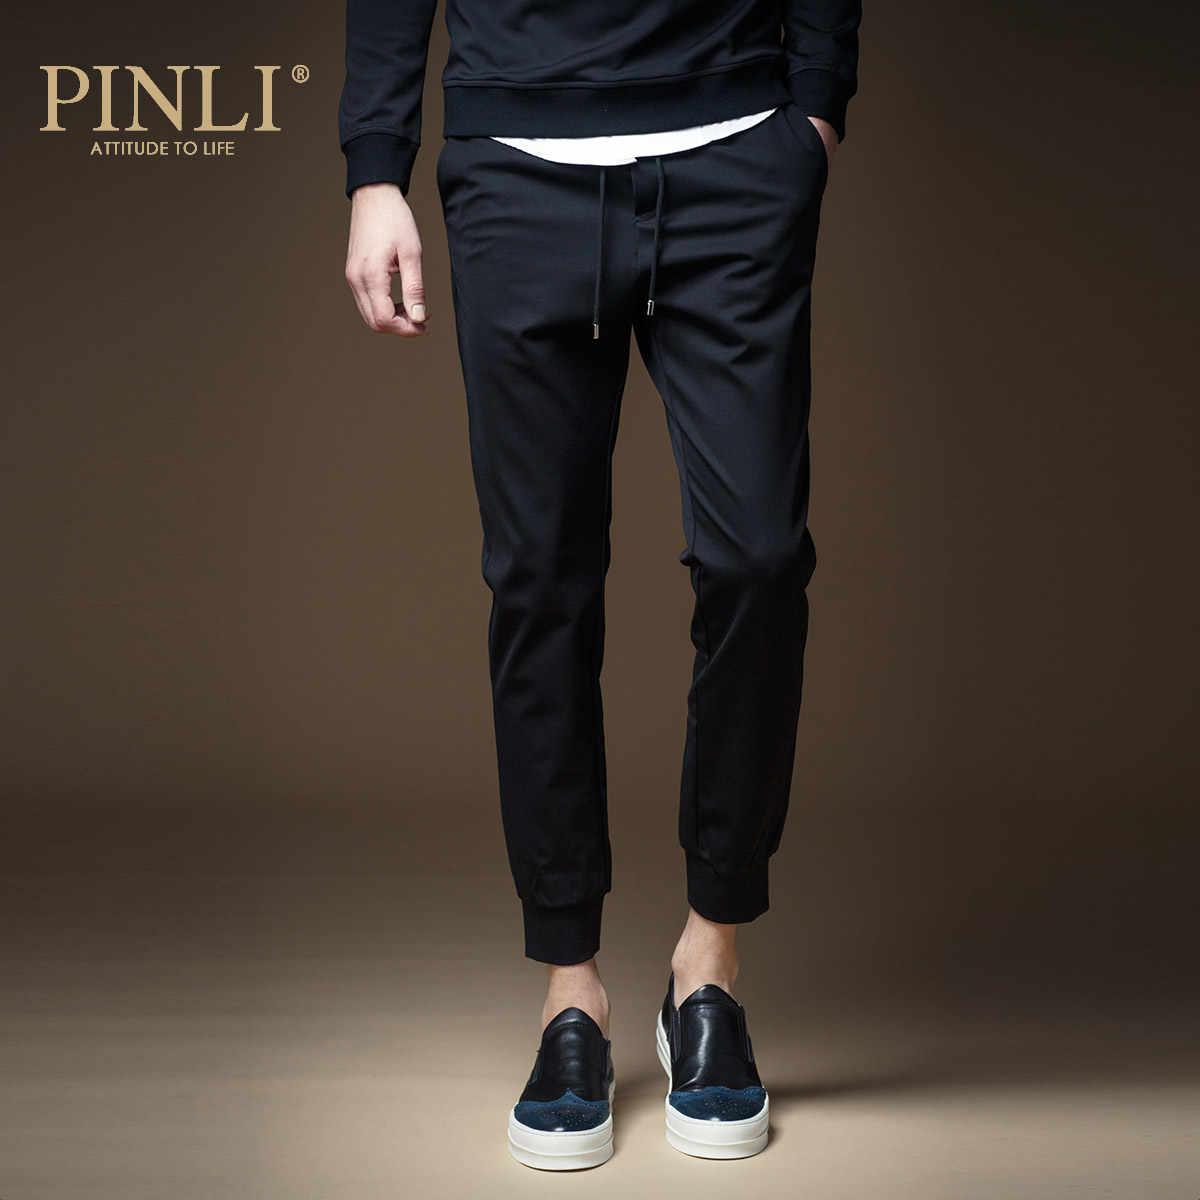 Pantaloni della tuta Pantaloni Uomo Skinny Metà di Militare Pinli Prodotti Sono di Sesso Maschile Pantaloni degli uomini di Decorazione Del Corpo Dei Pantaloni di Autunno Su casual K103